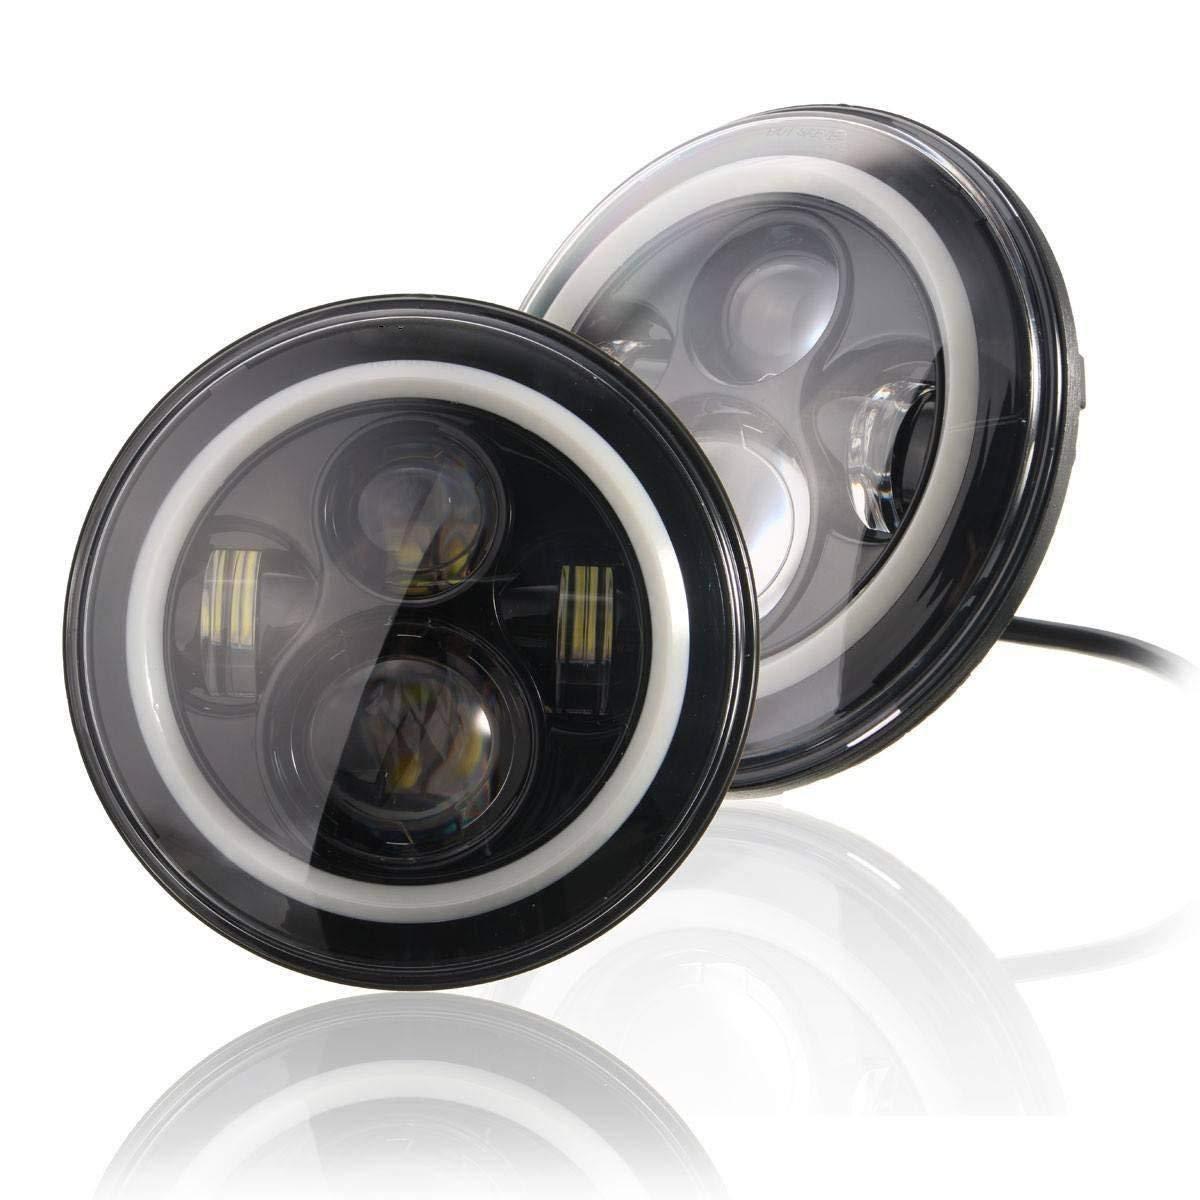 2PCS 4 INCH Led luces de niebla para JEEP Wrangler JK TJ LJ CJ UNI 2PCS Negro 7inch LED de la bombilla del faro blanco faros Alto bajo haz auto headlight